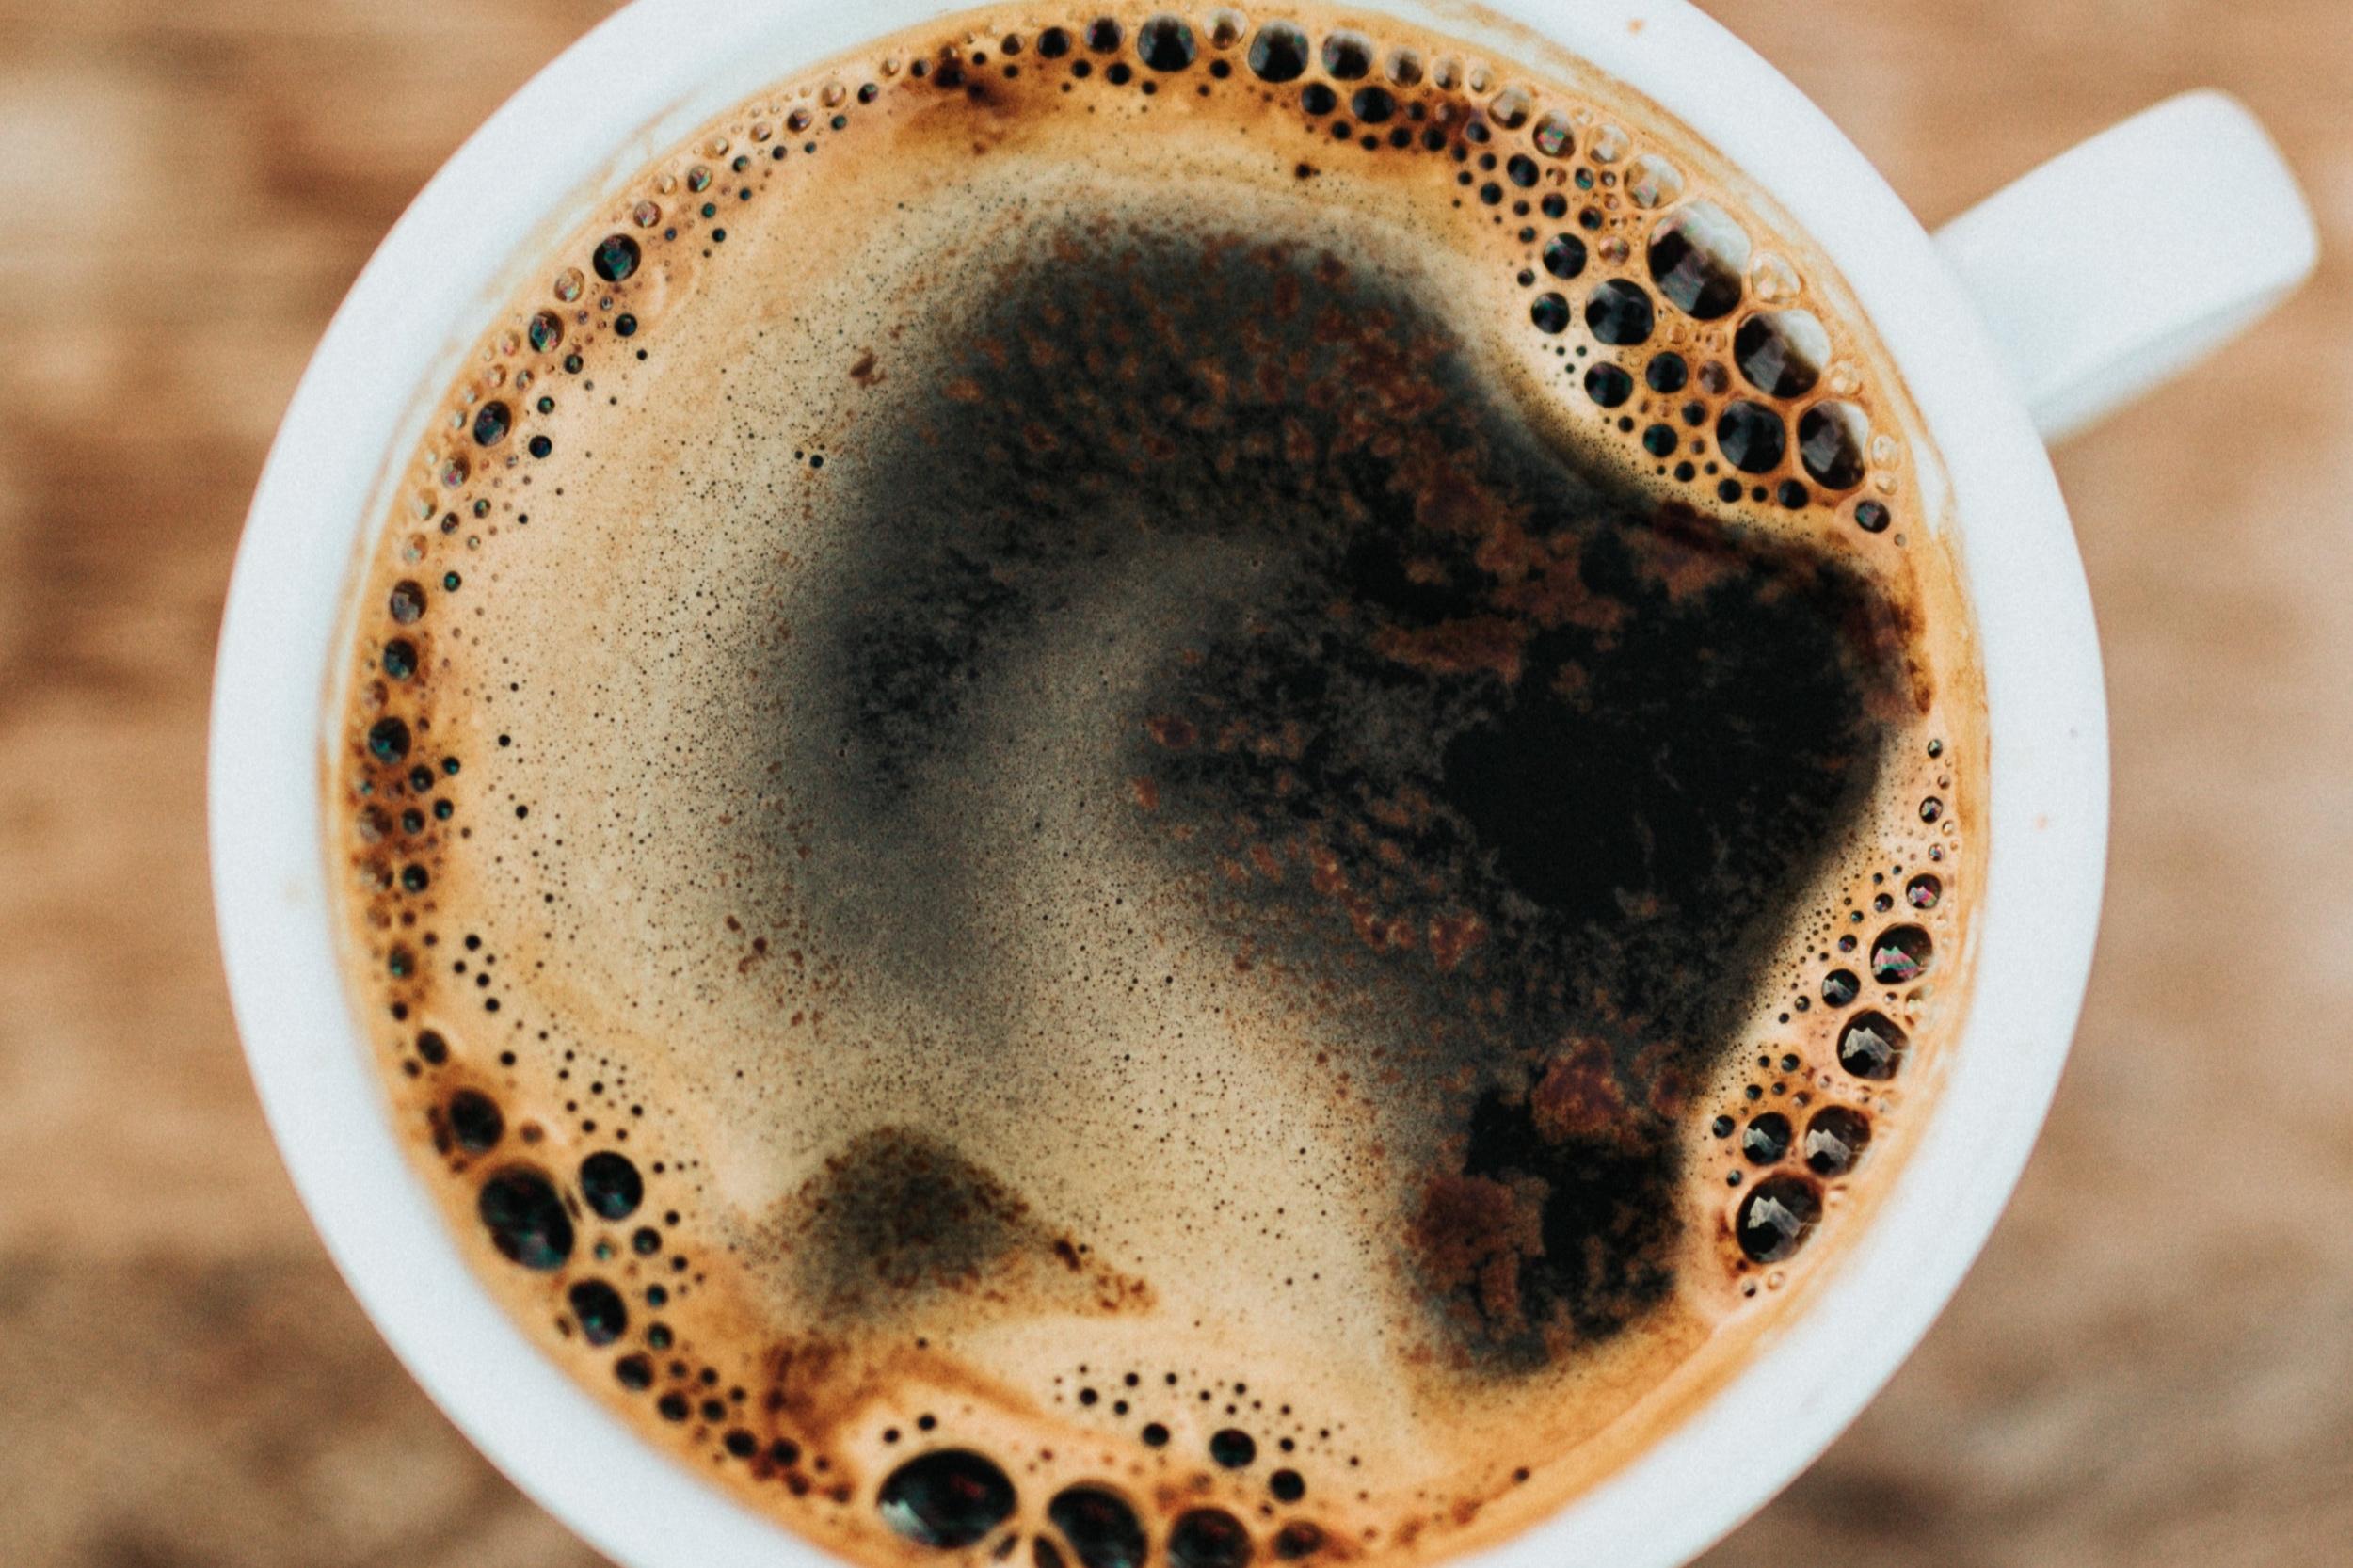 Le café - L'odeur du café réconfortante et cocooning accompagnée de celle des tartines grillées au beurre demi-sel qui font replonger Marion en enfance…En parfumerie on utilise l'essence de café qui a une facette de noisette grillée, on en boirait presque ! On l'agrémente de notes boisées comme le bois de cèdre mais aussi de notes de chocolat ou de tabac. Choisir les différentes essences de café pour un parfum nous fait voyager en Ethiopie, au Brésil ou encore en Côte d'Ivoire ! Mais plus qu'un tour du monde, le café nous ramènera toujours à nos premiers souvenirs de matin d'enfance...